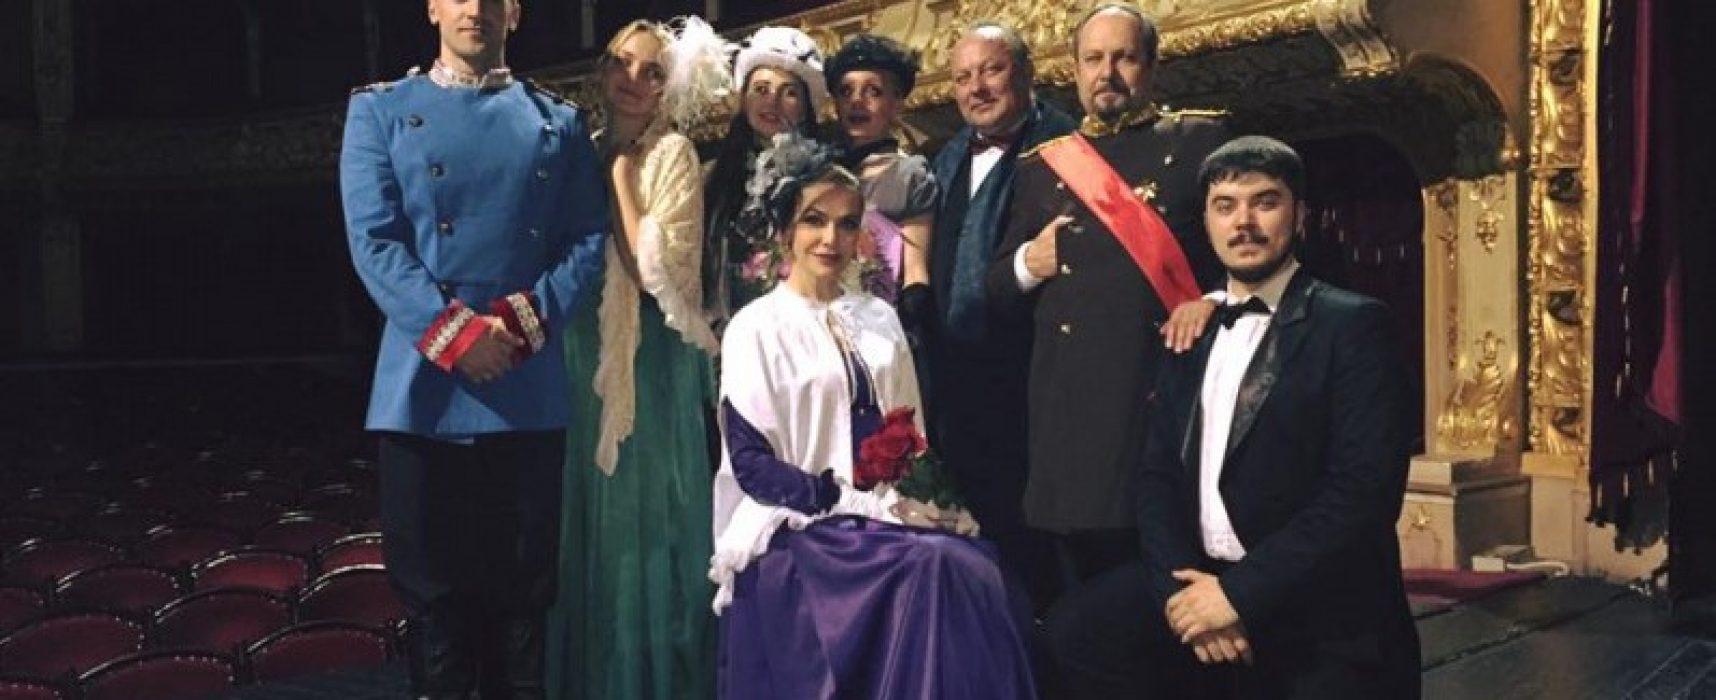 Фейк: в Украине запретили спектакль «Анна Каренина» из-за русского языка. Вот почему это неправда